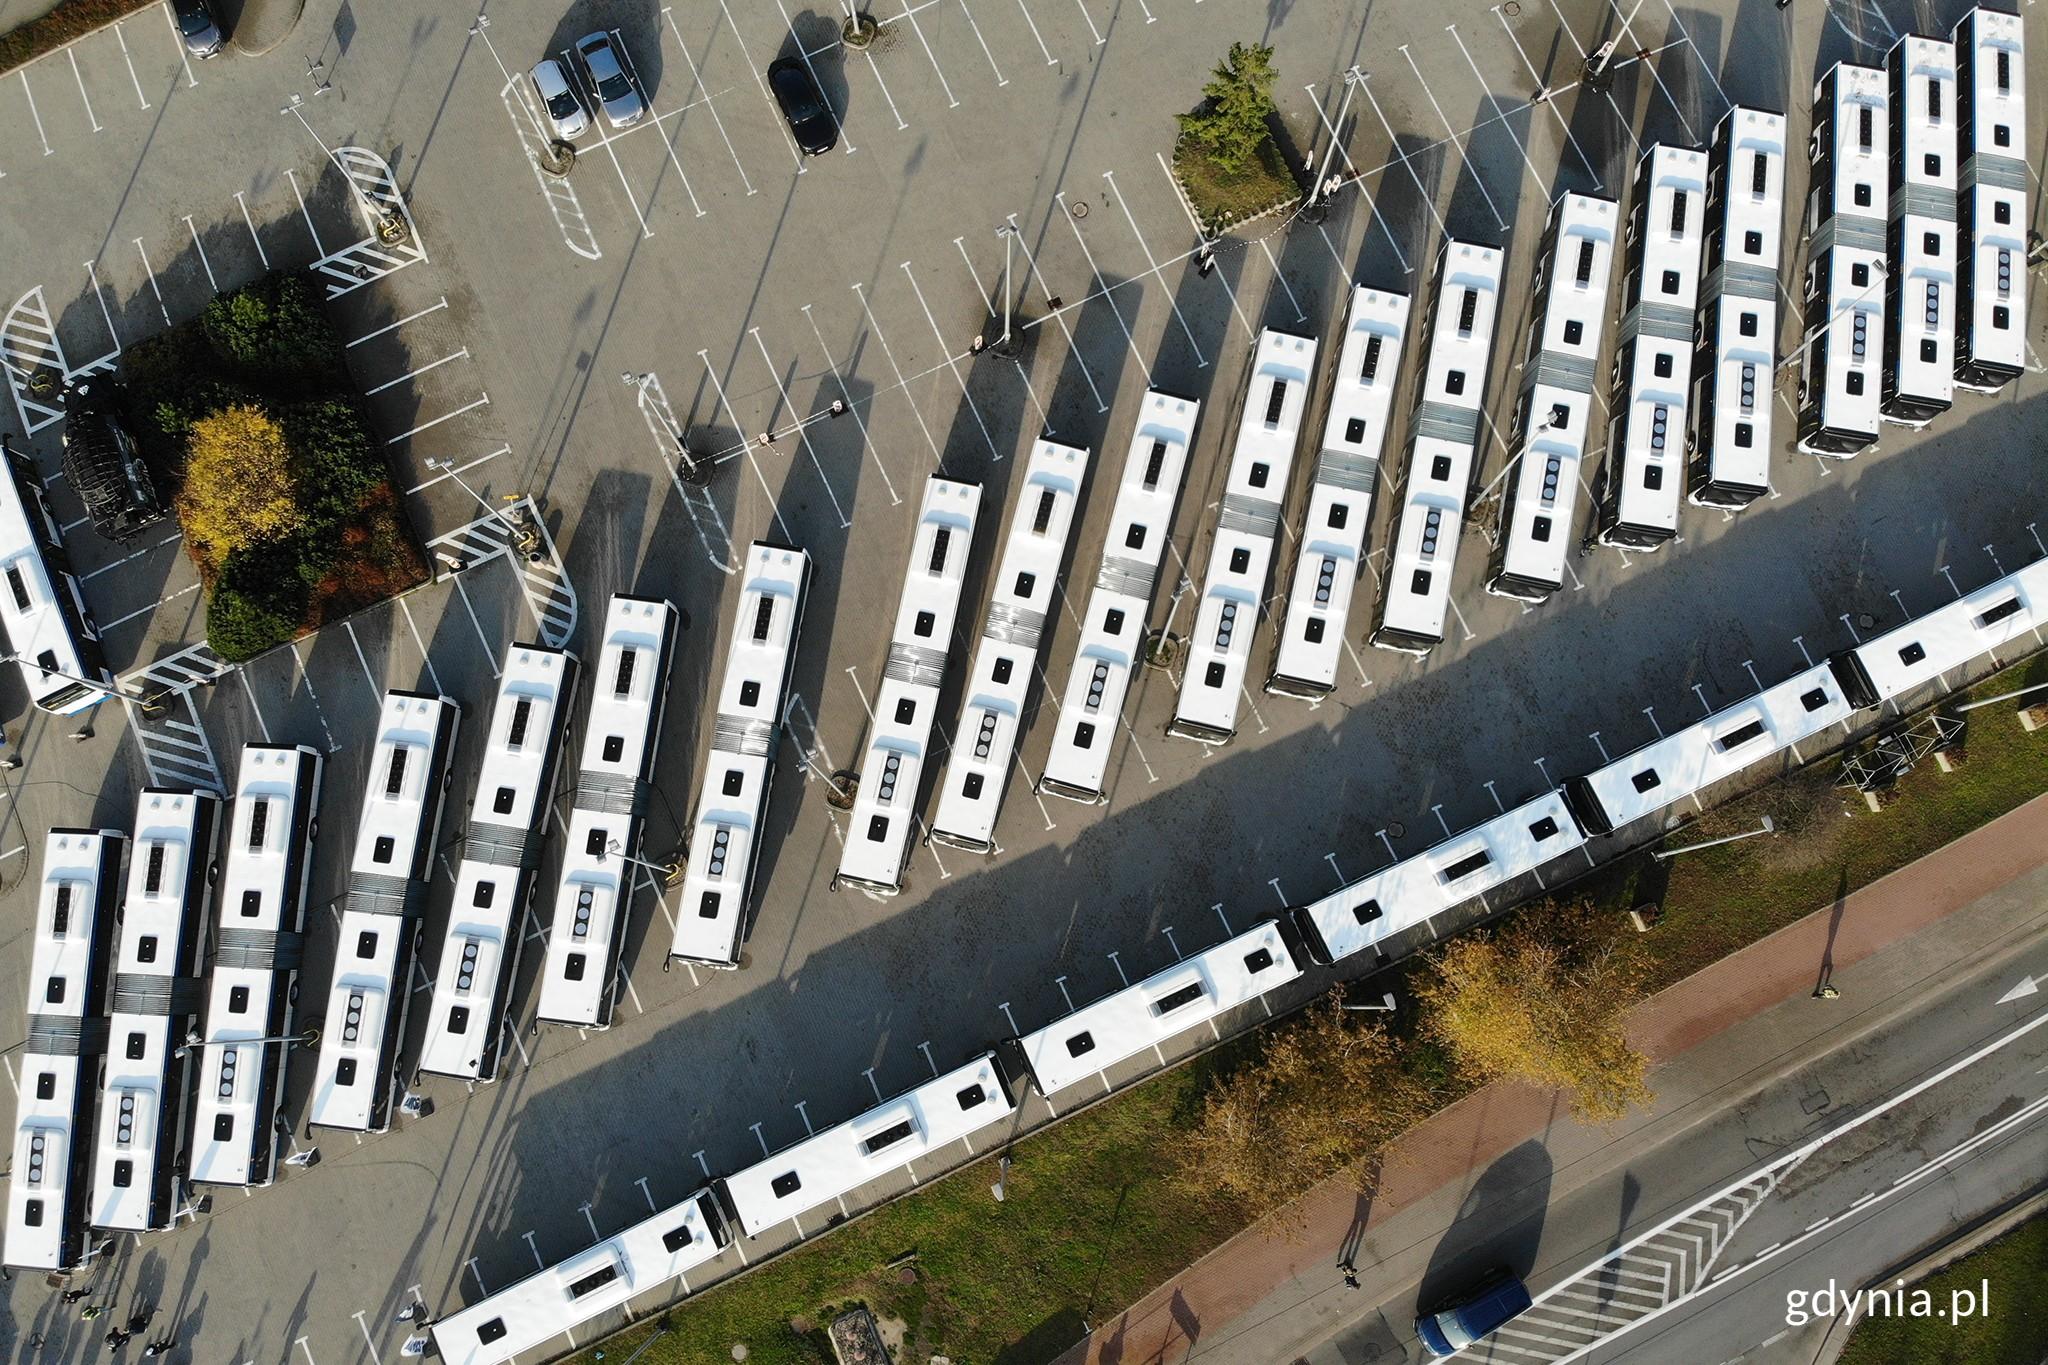 55 nowoczesnych i ekologicznych autobusów trafiło do Gdyni // fot. Michał Puszczewicz